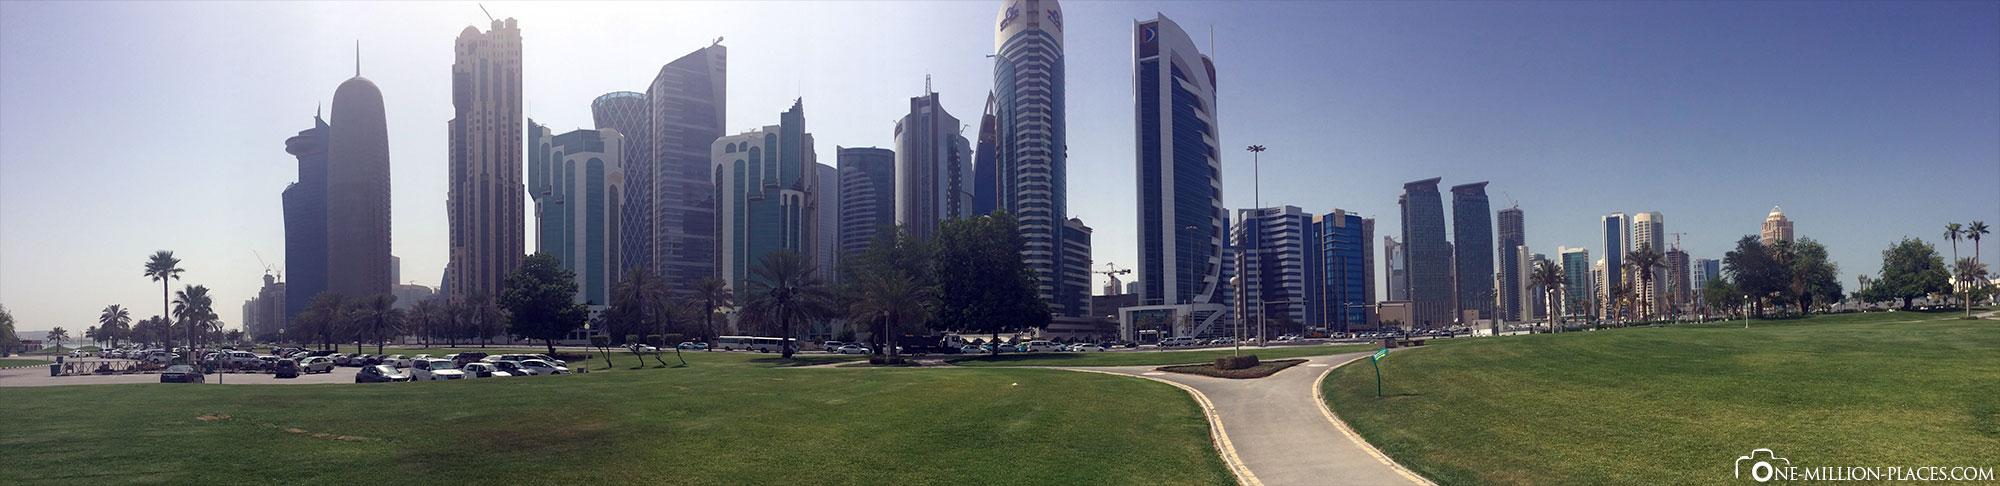 Skyline, Doha, Katar, Stopover, Sightseeing, Reisebericht